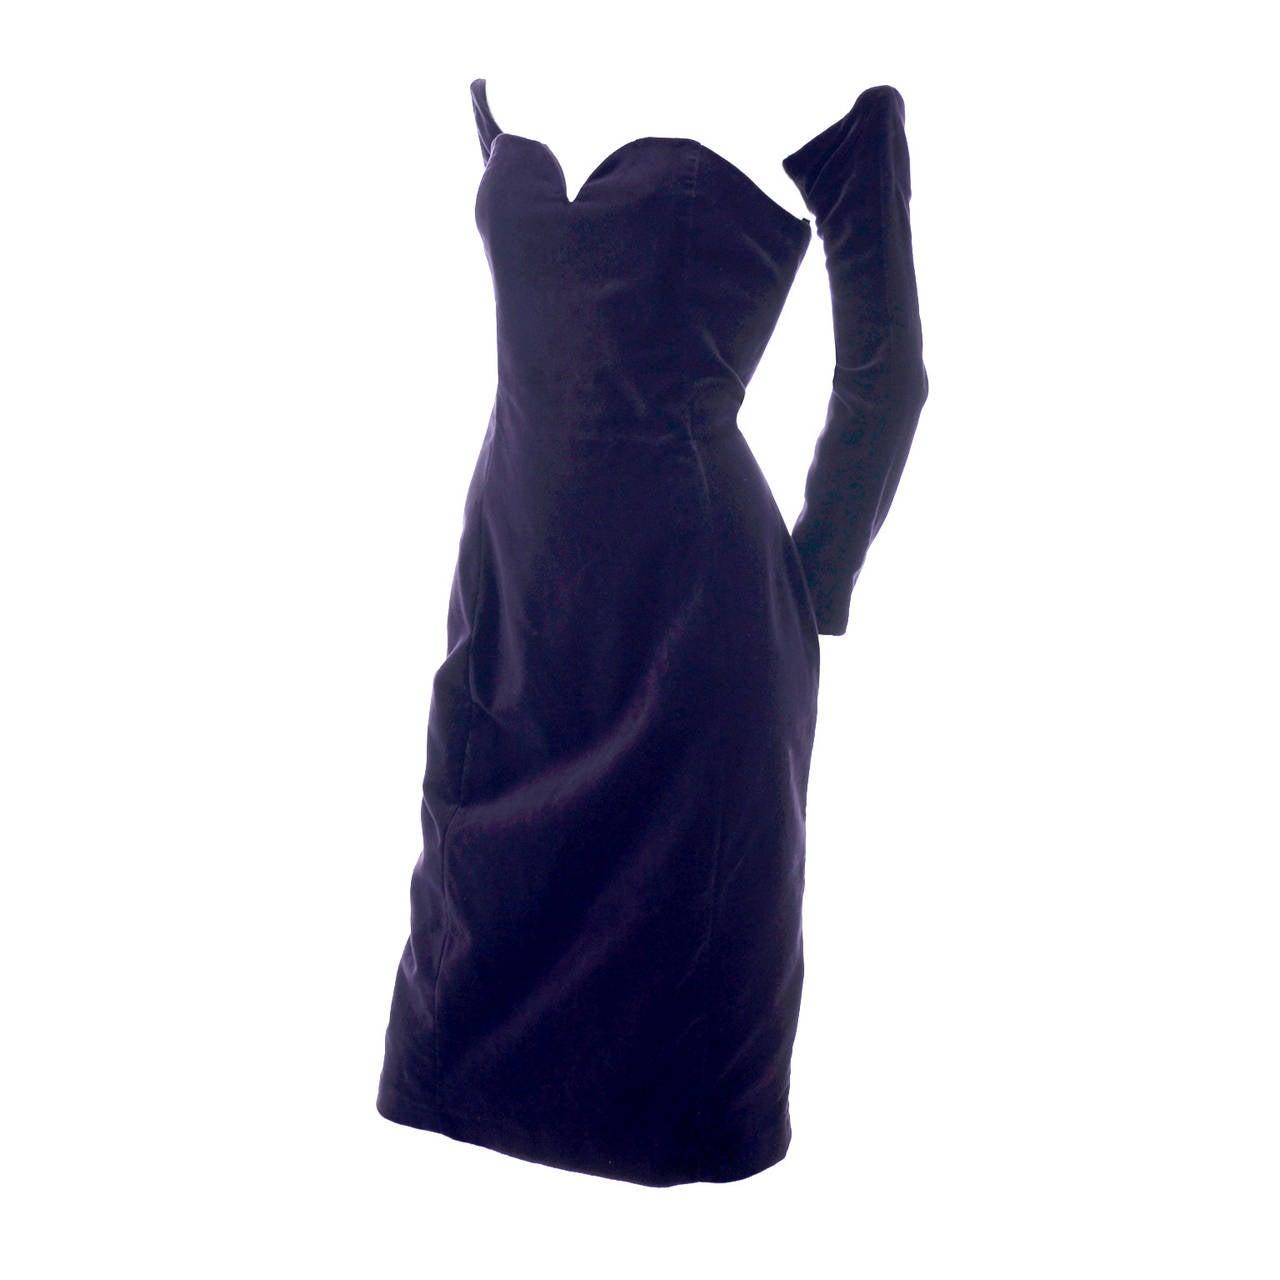 Travilla Purple Velvet Vintage Cocktail Dress Detached Sleeves Opera Gloves 1980 1